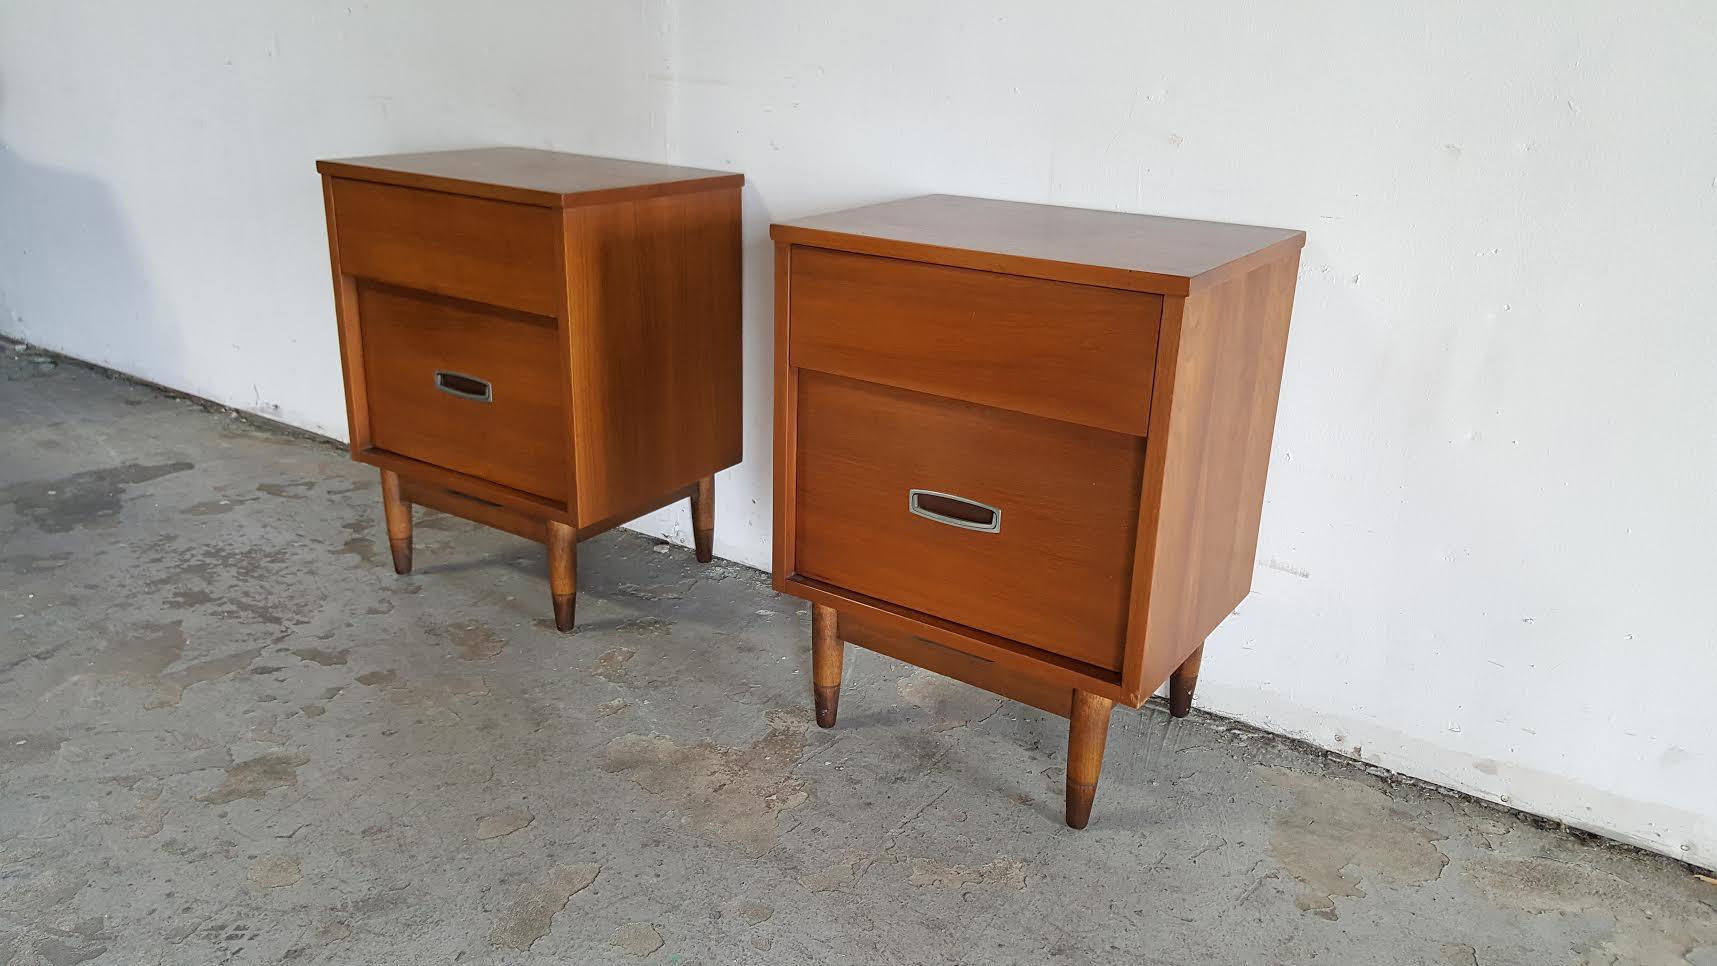 hooker mainline midcentury modern nightstands a pair image 4 of 11